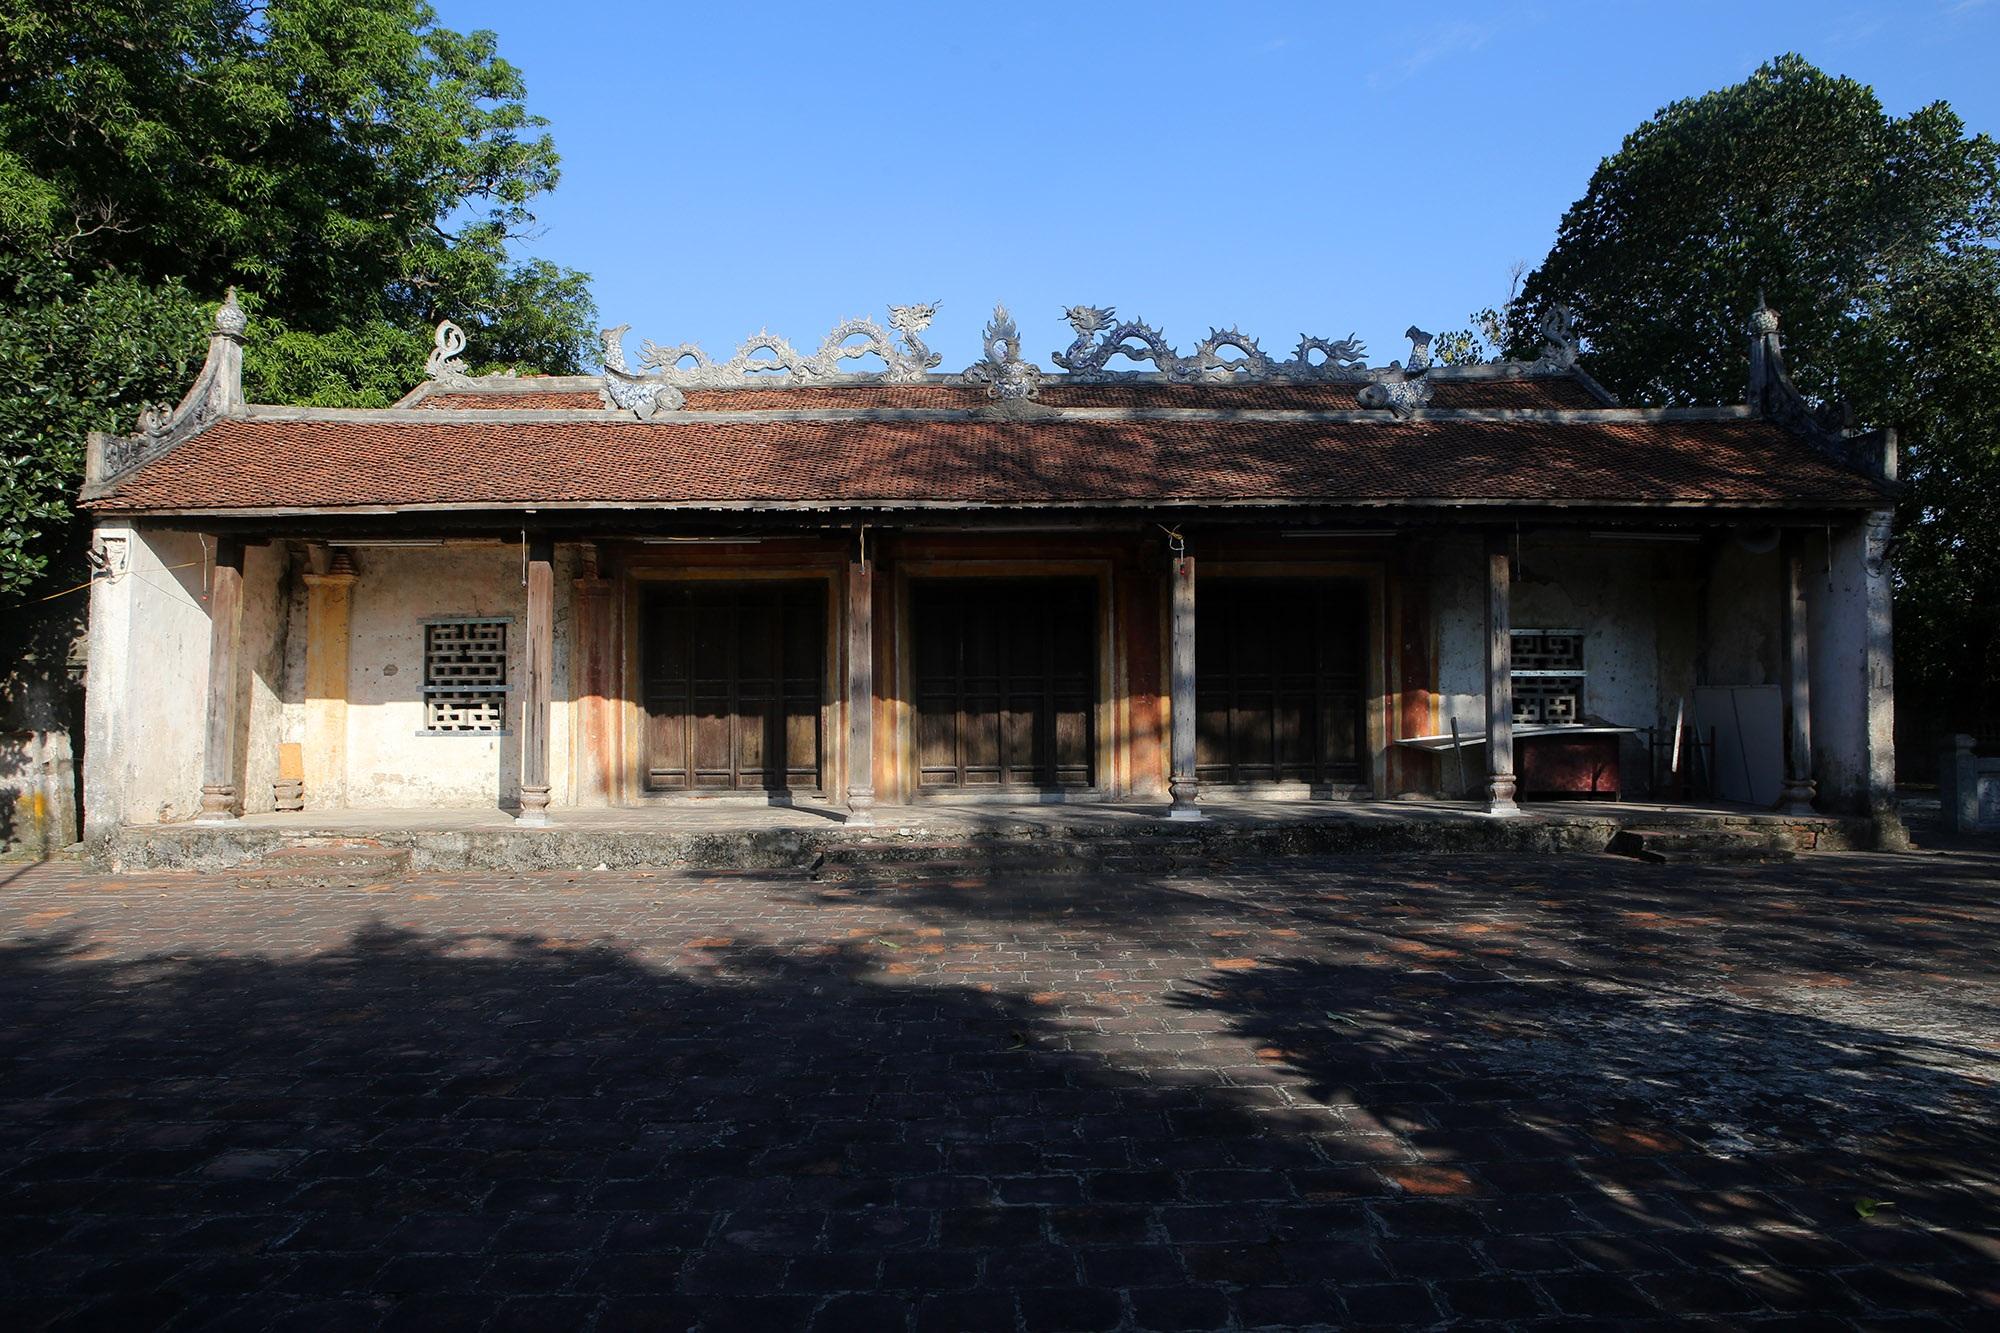 Khám phá vẻ đẹp của cổng làng đồ sộ trải qua 5 thế kỷ tại ngoại ô Hà Nội - 10